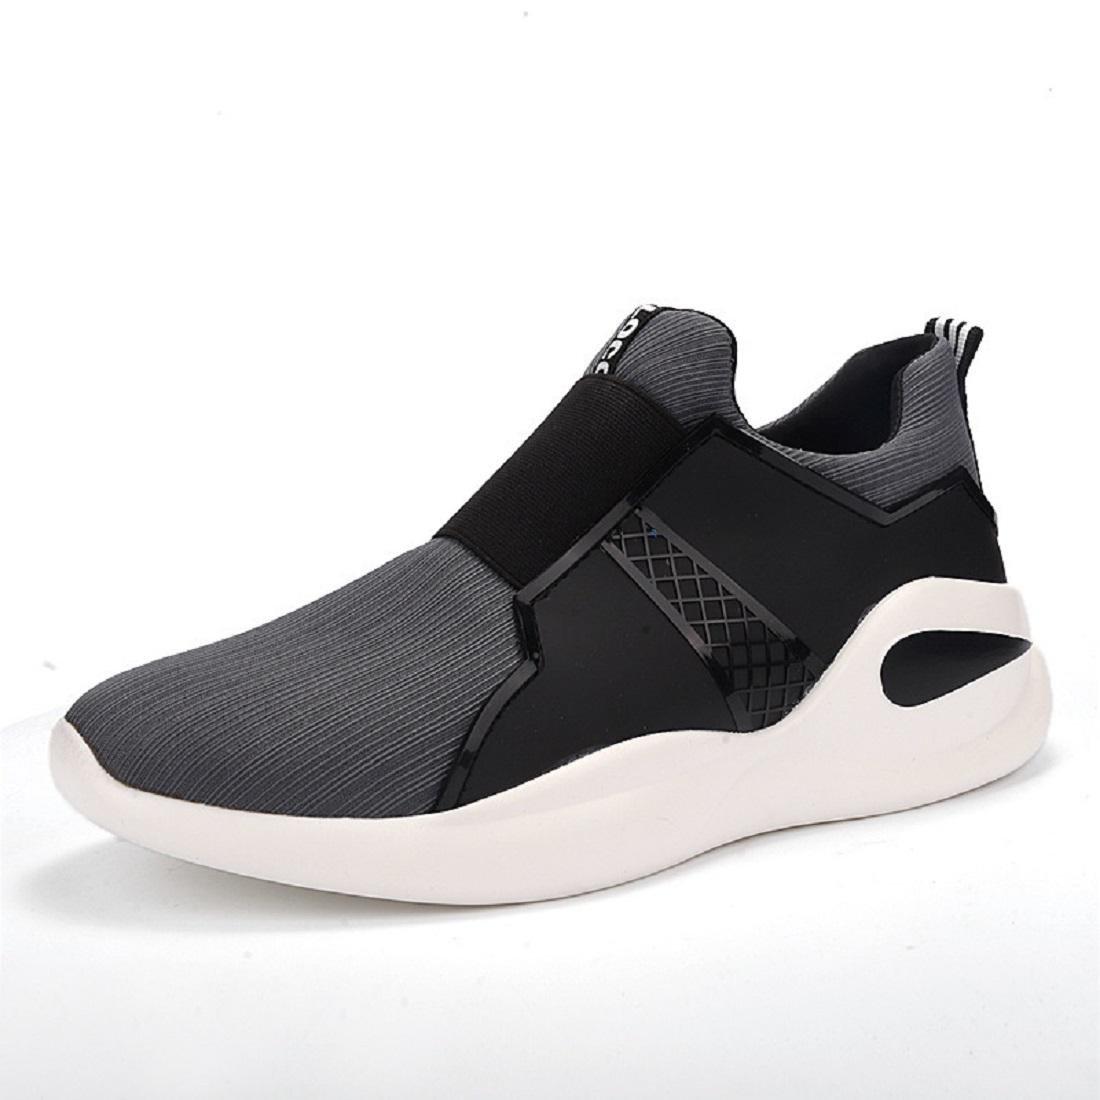 Herren Mode Lässige Schuhe Licht Atmungsaktiv Flache Schuhe Gemütlich Freizeitschuhe Schutzfuß Segeltuchschuhe EUR GRÖSSE 39-44